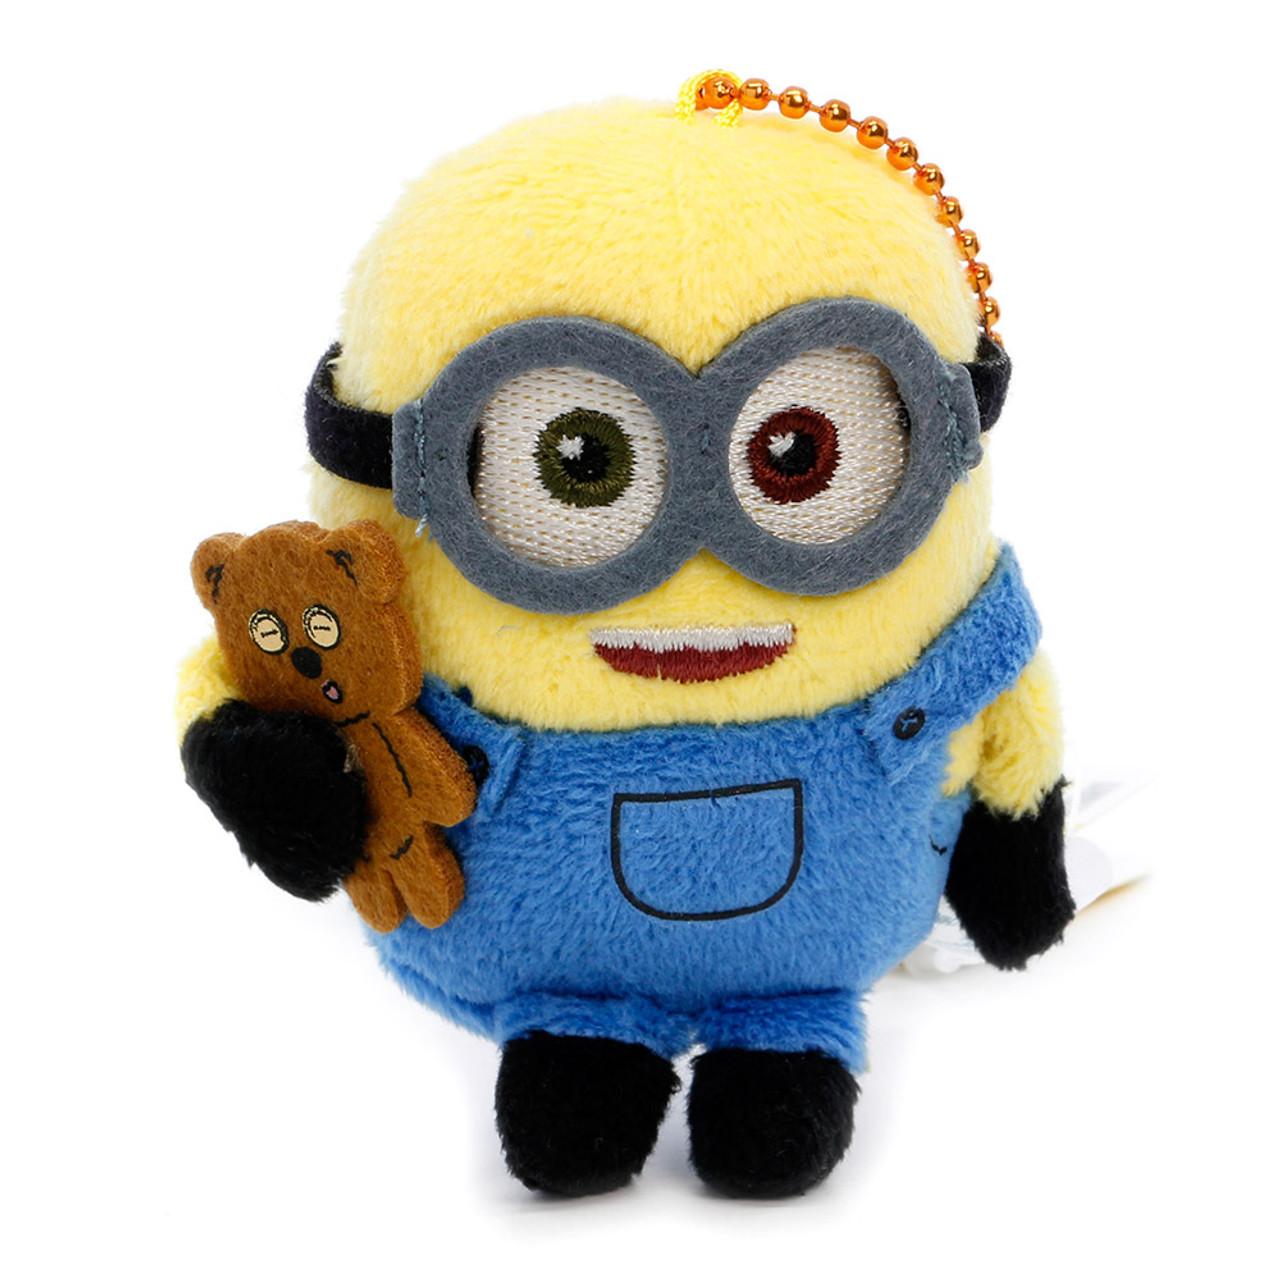 Bob The Minions Mascot Plush Keychain ( Front View )